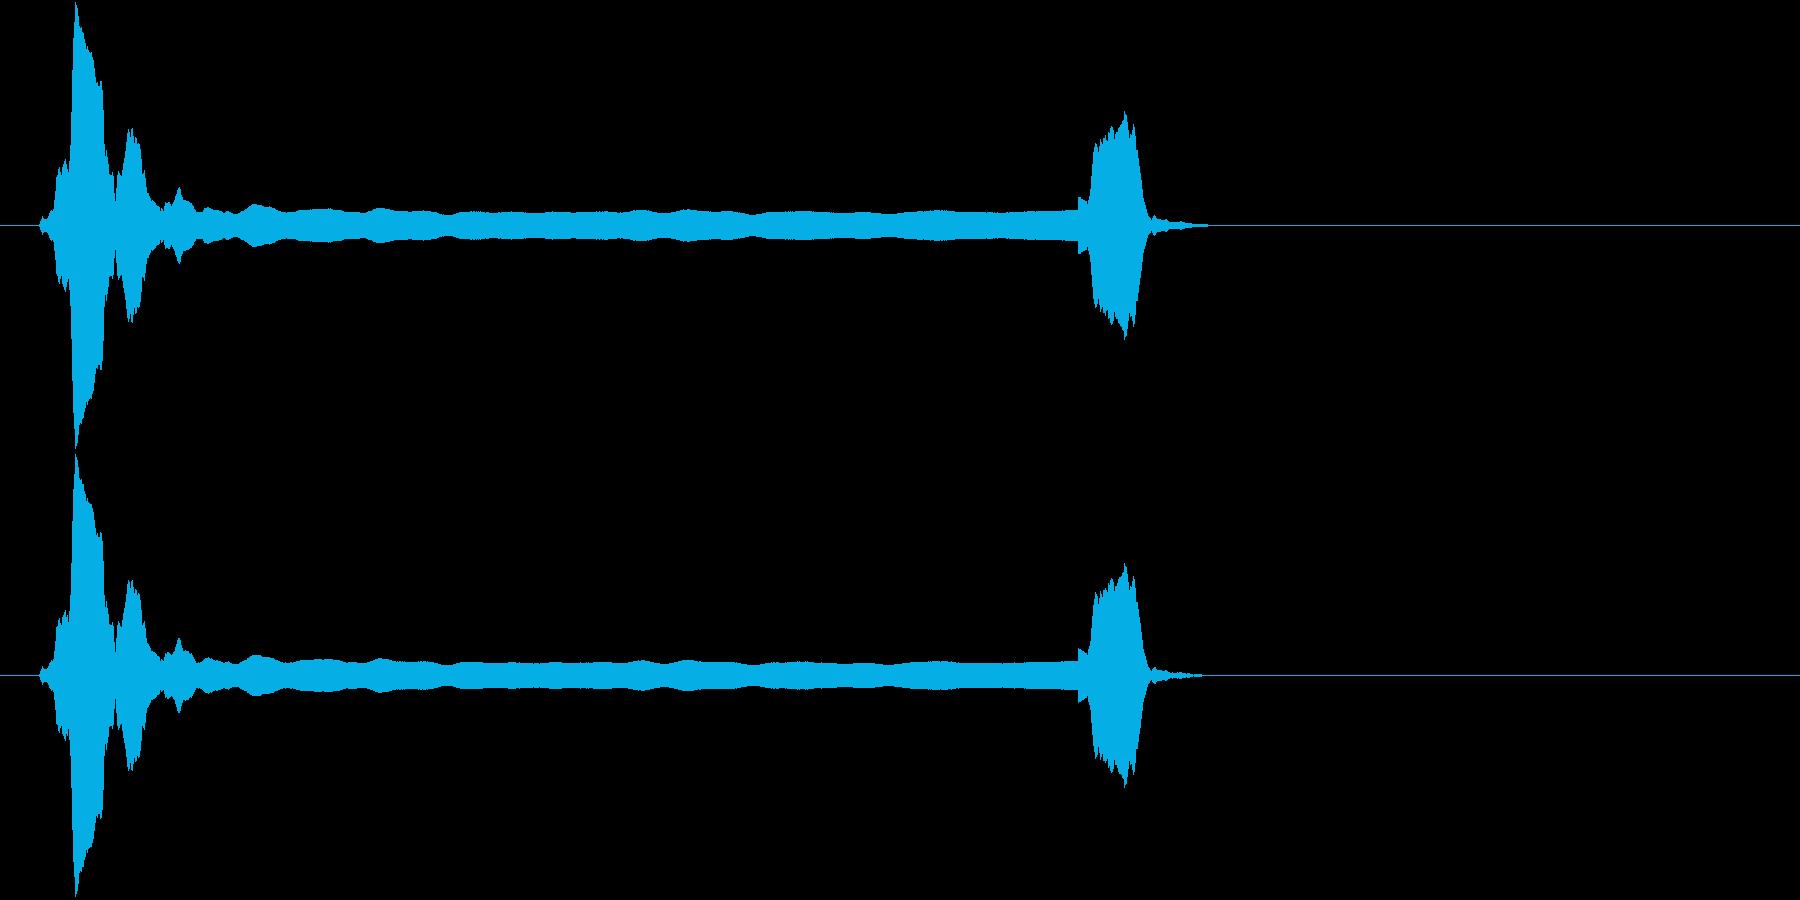 音侍SE「ピィーピッ」能管ひしぎ長さ普通の再生済みの波形